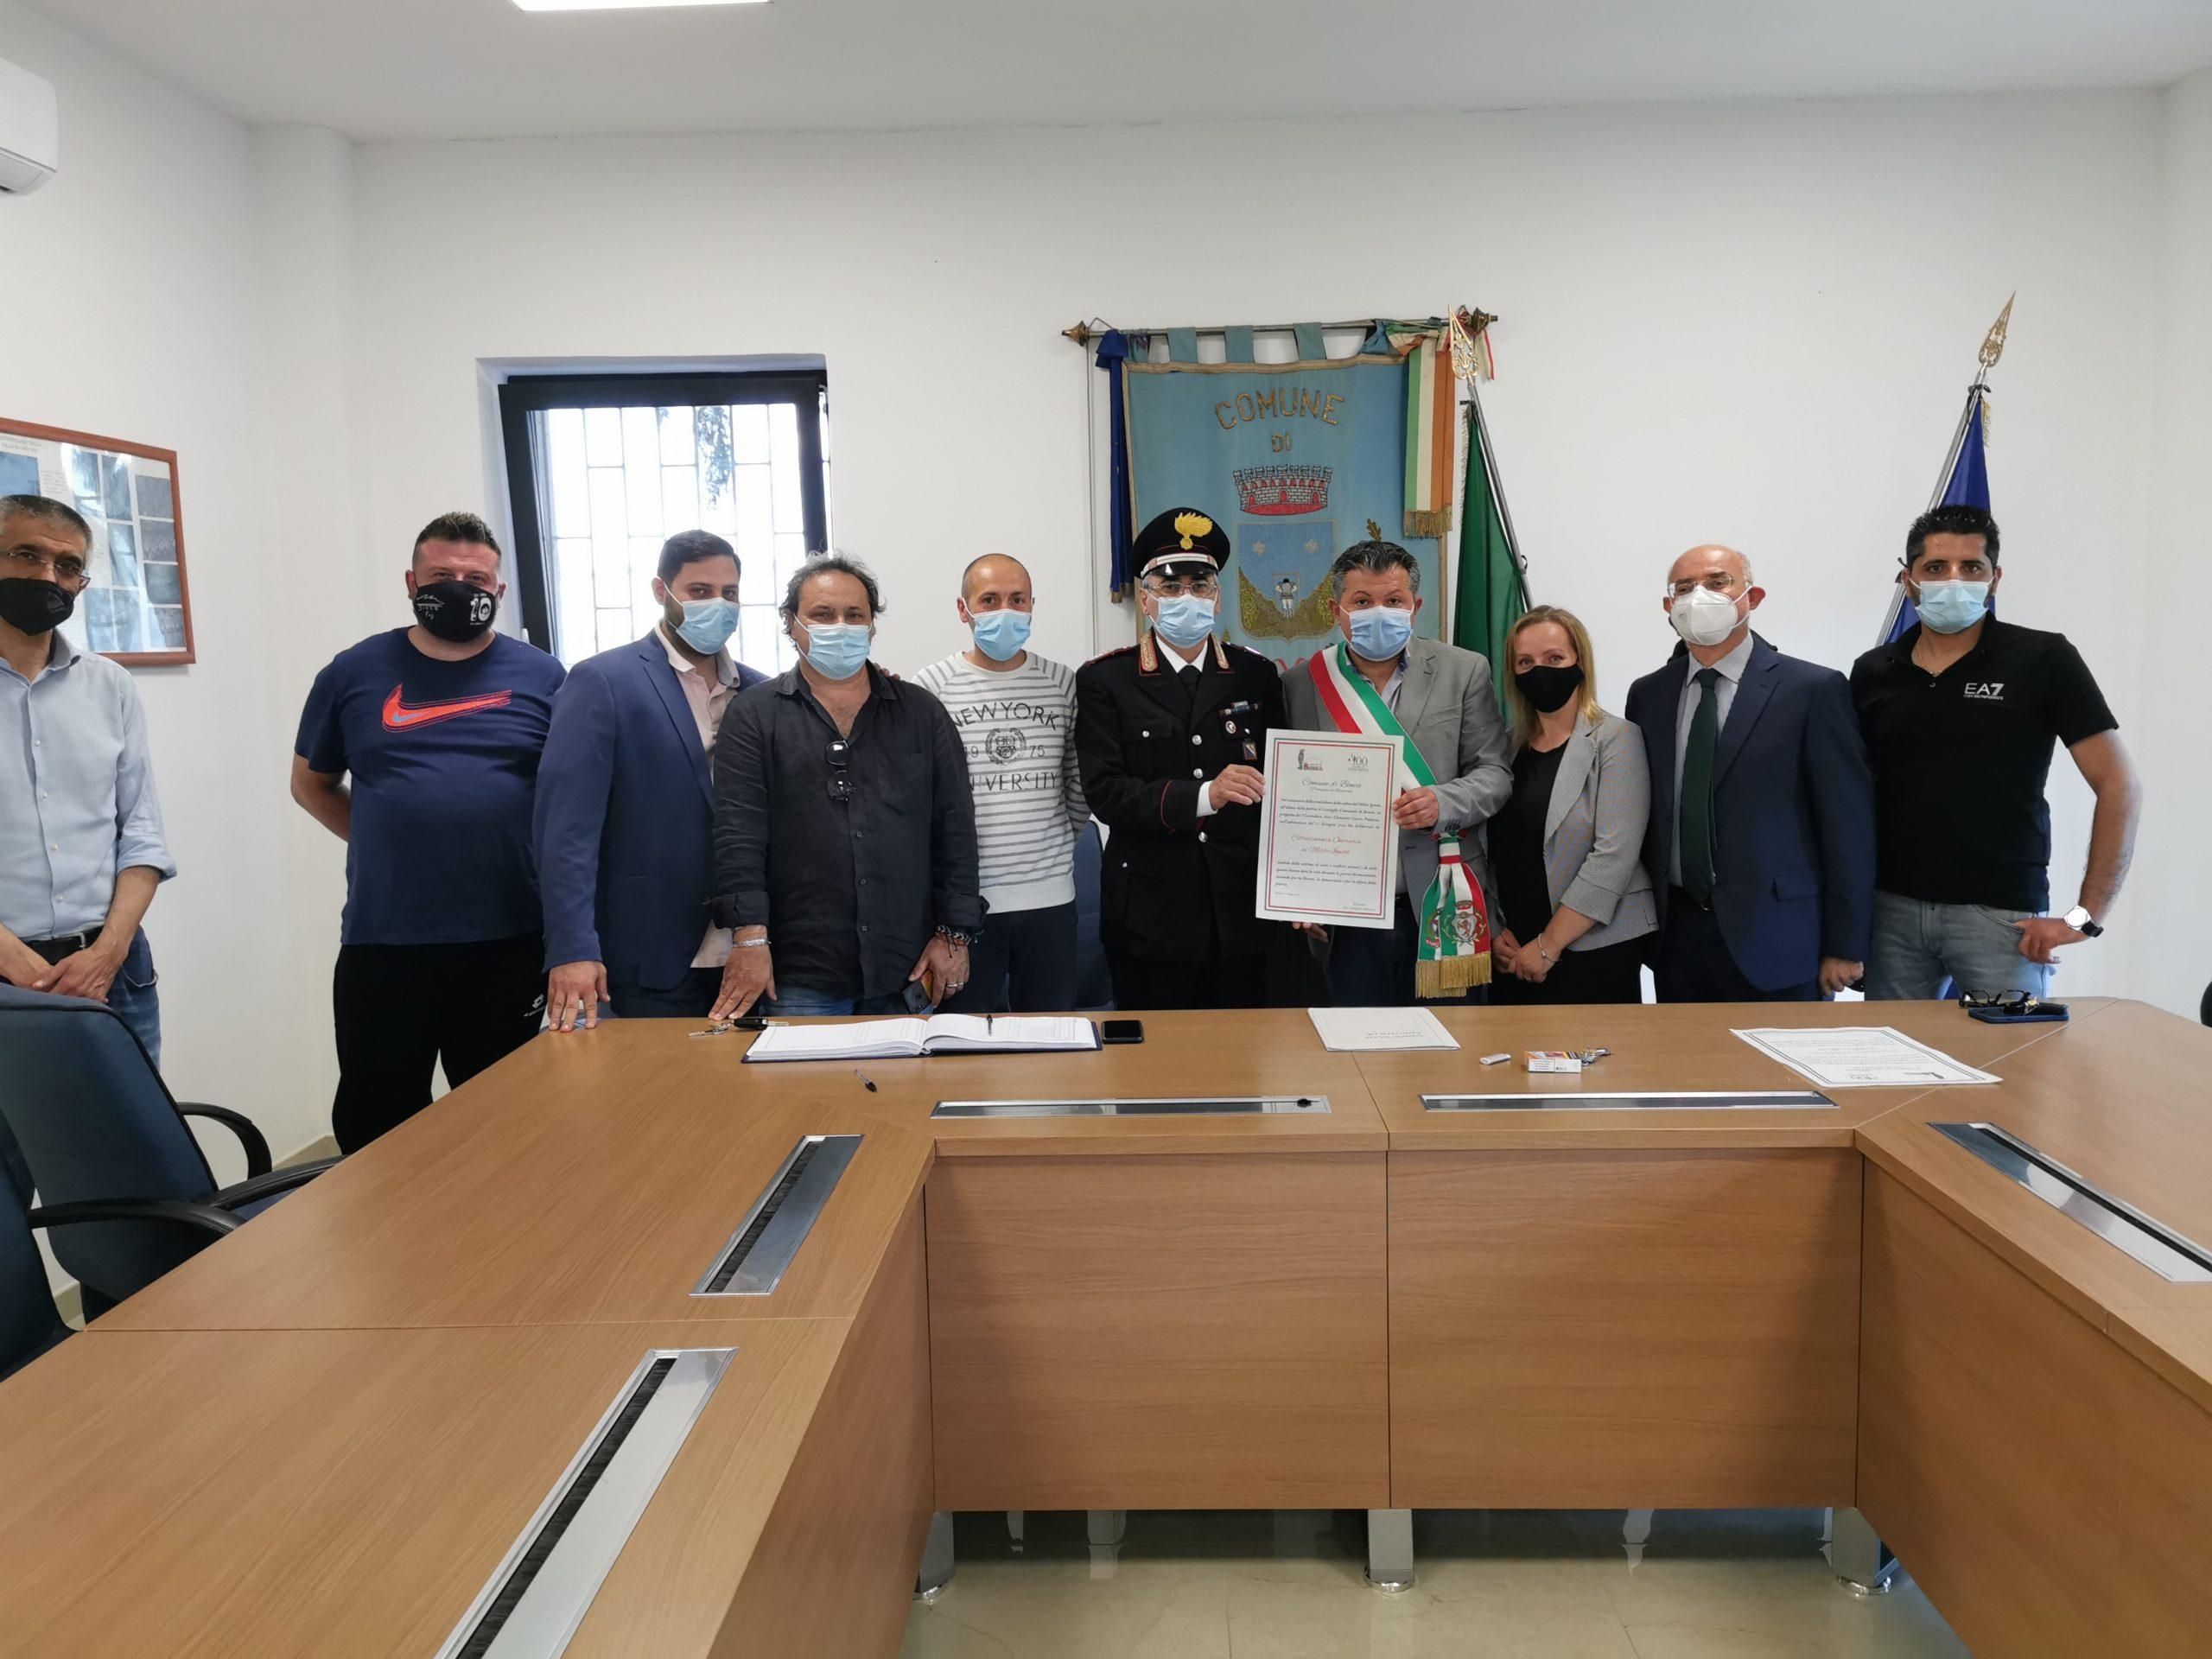 Il Consiglio comunale di Bonea conferisce la cittadinanza onoraria al Milite Ignoto